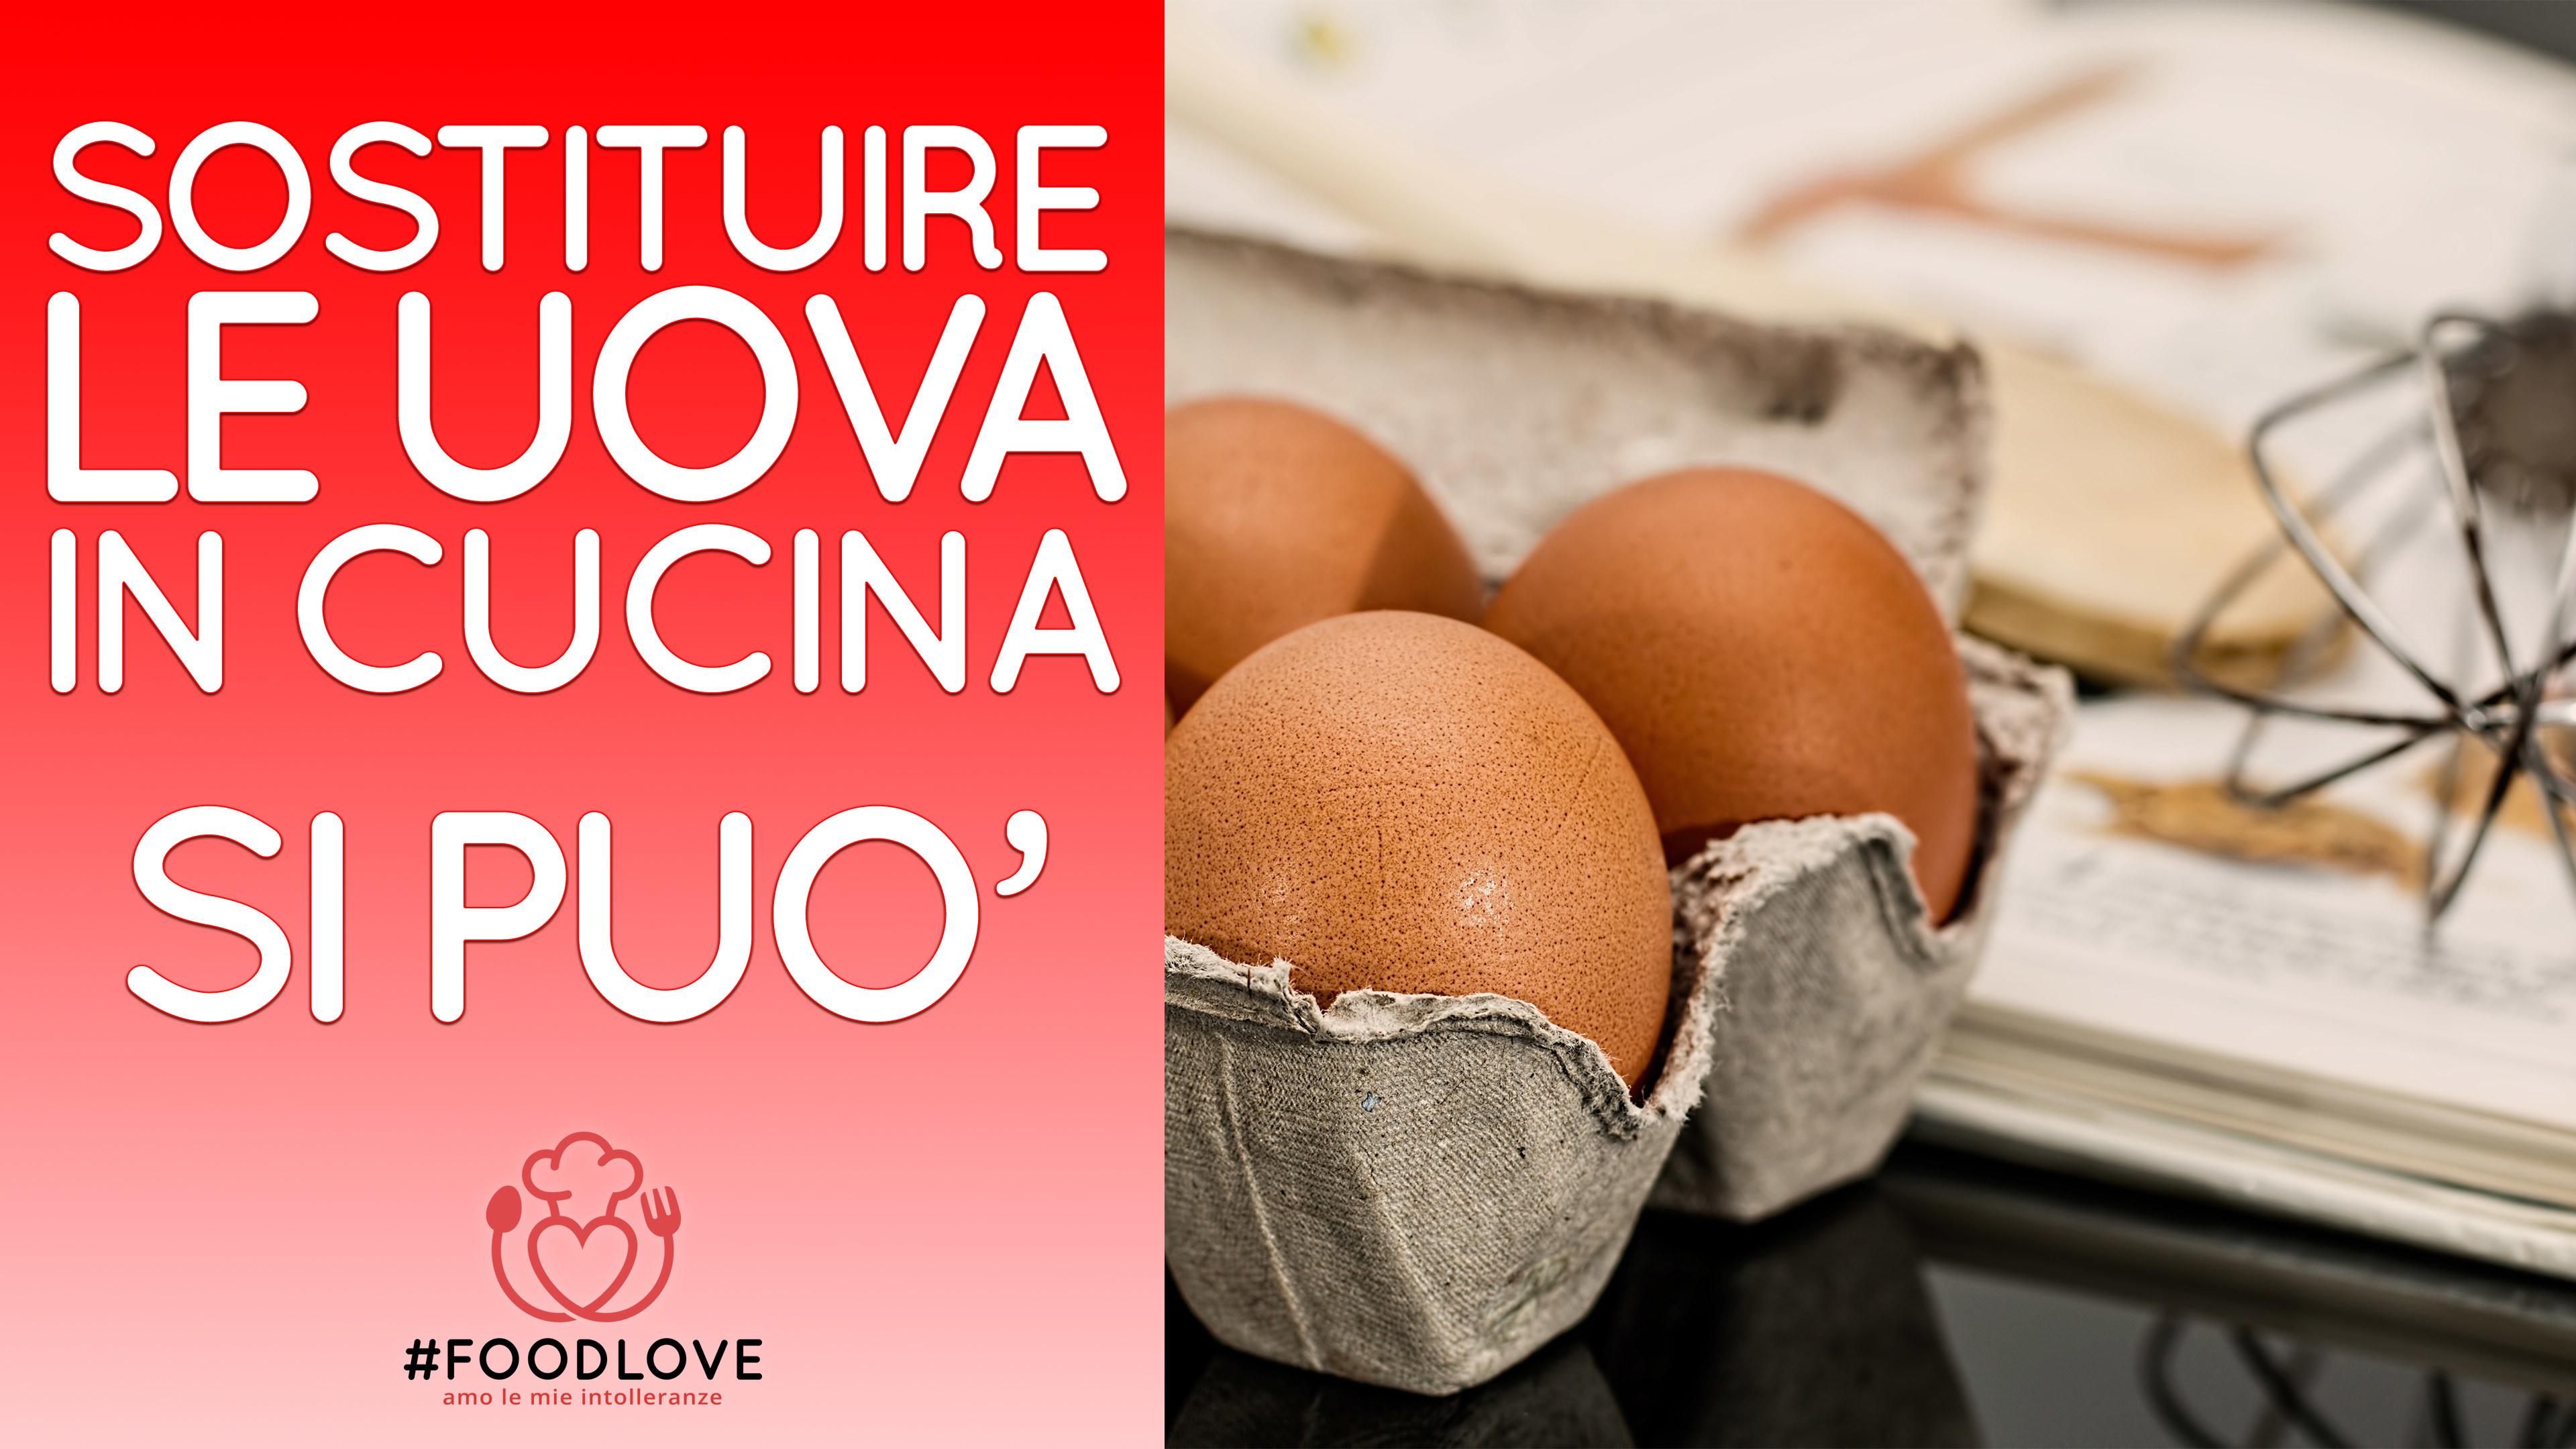 Sostituire le uova in cucina si pu e con gusto ricette di cucina - Prevenire in cucina mangiando con gusto ...